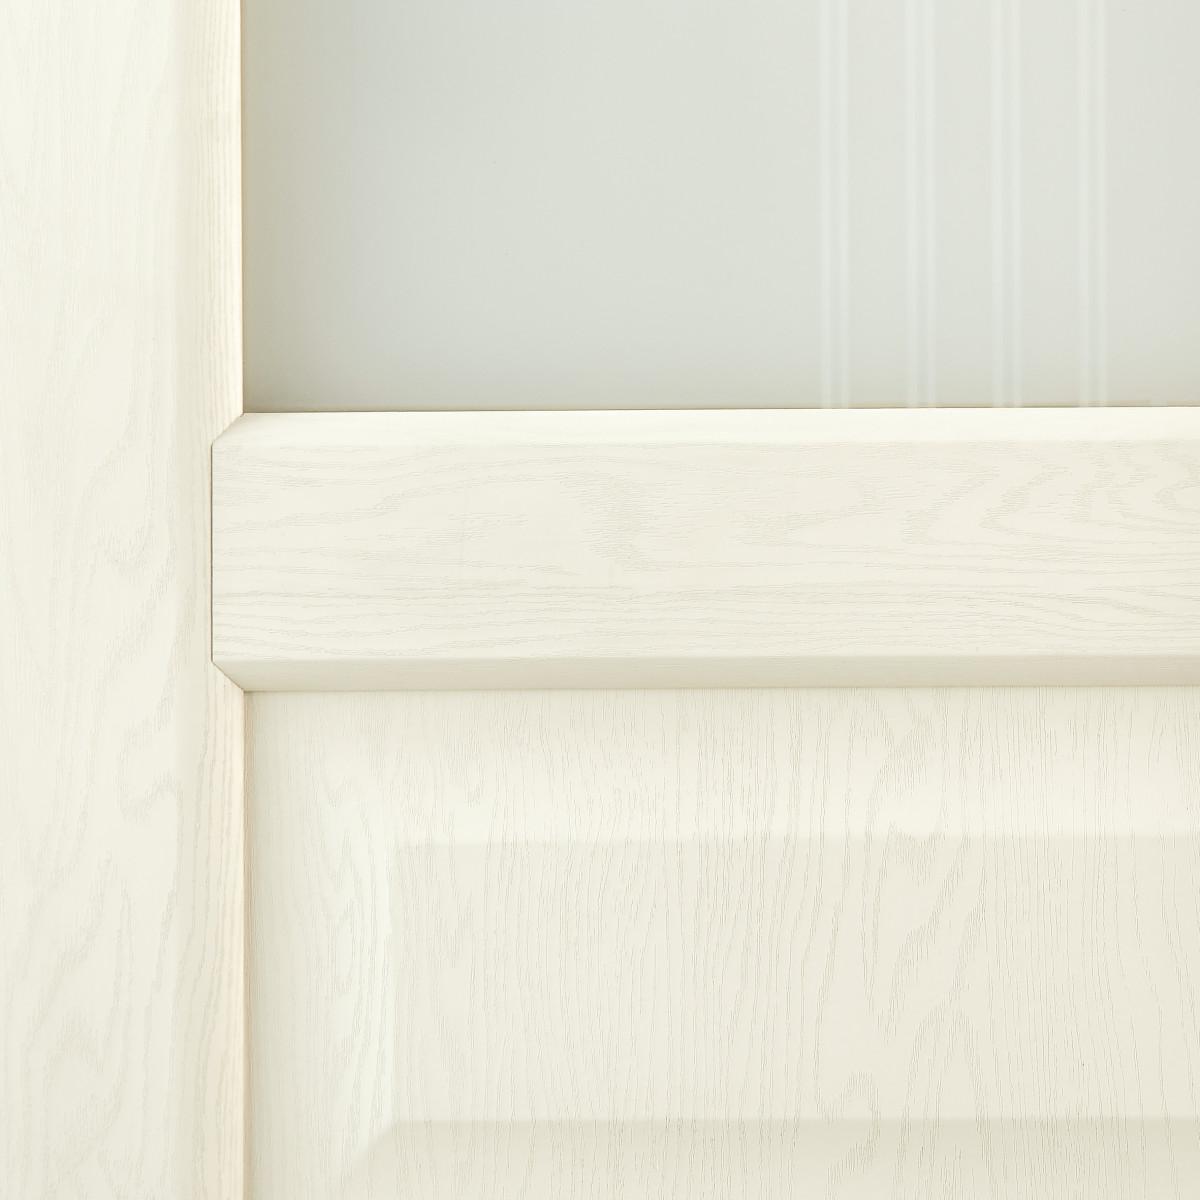 Дверь Межкомнатная Остеклённая Artens Мария 80x200 Пвх Цвет Айвори С Фурнитурой